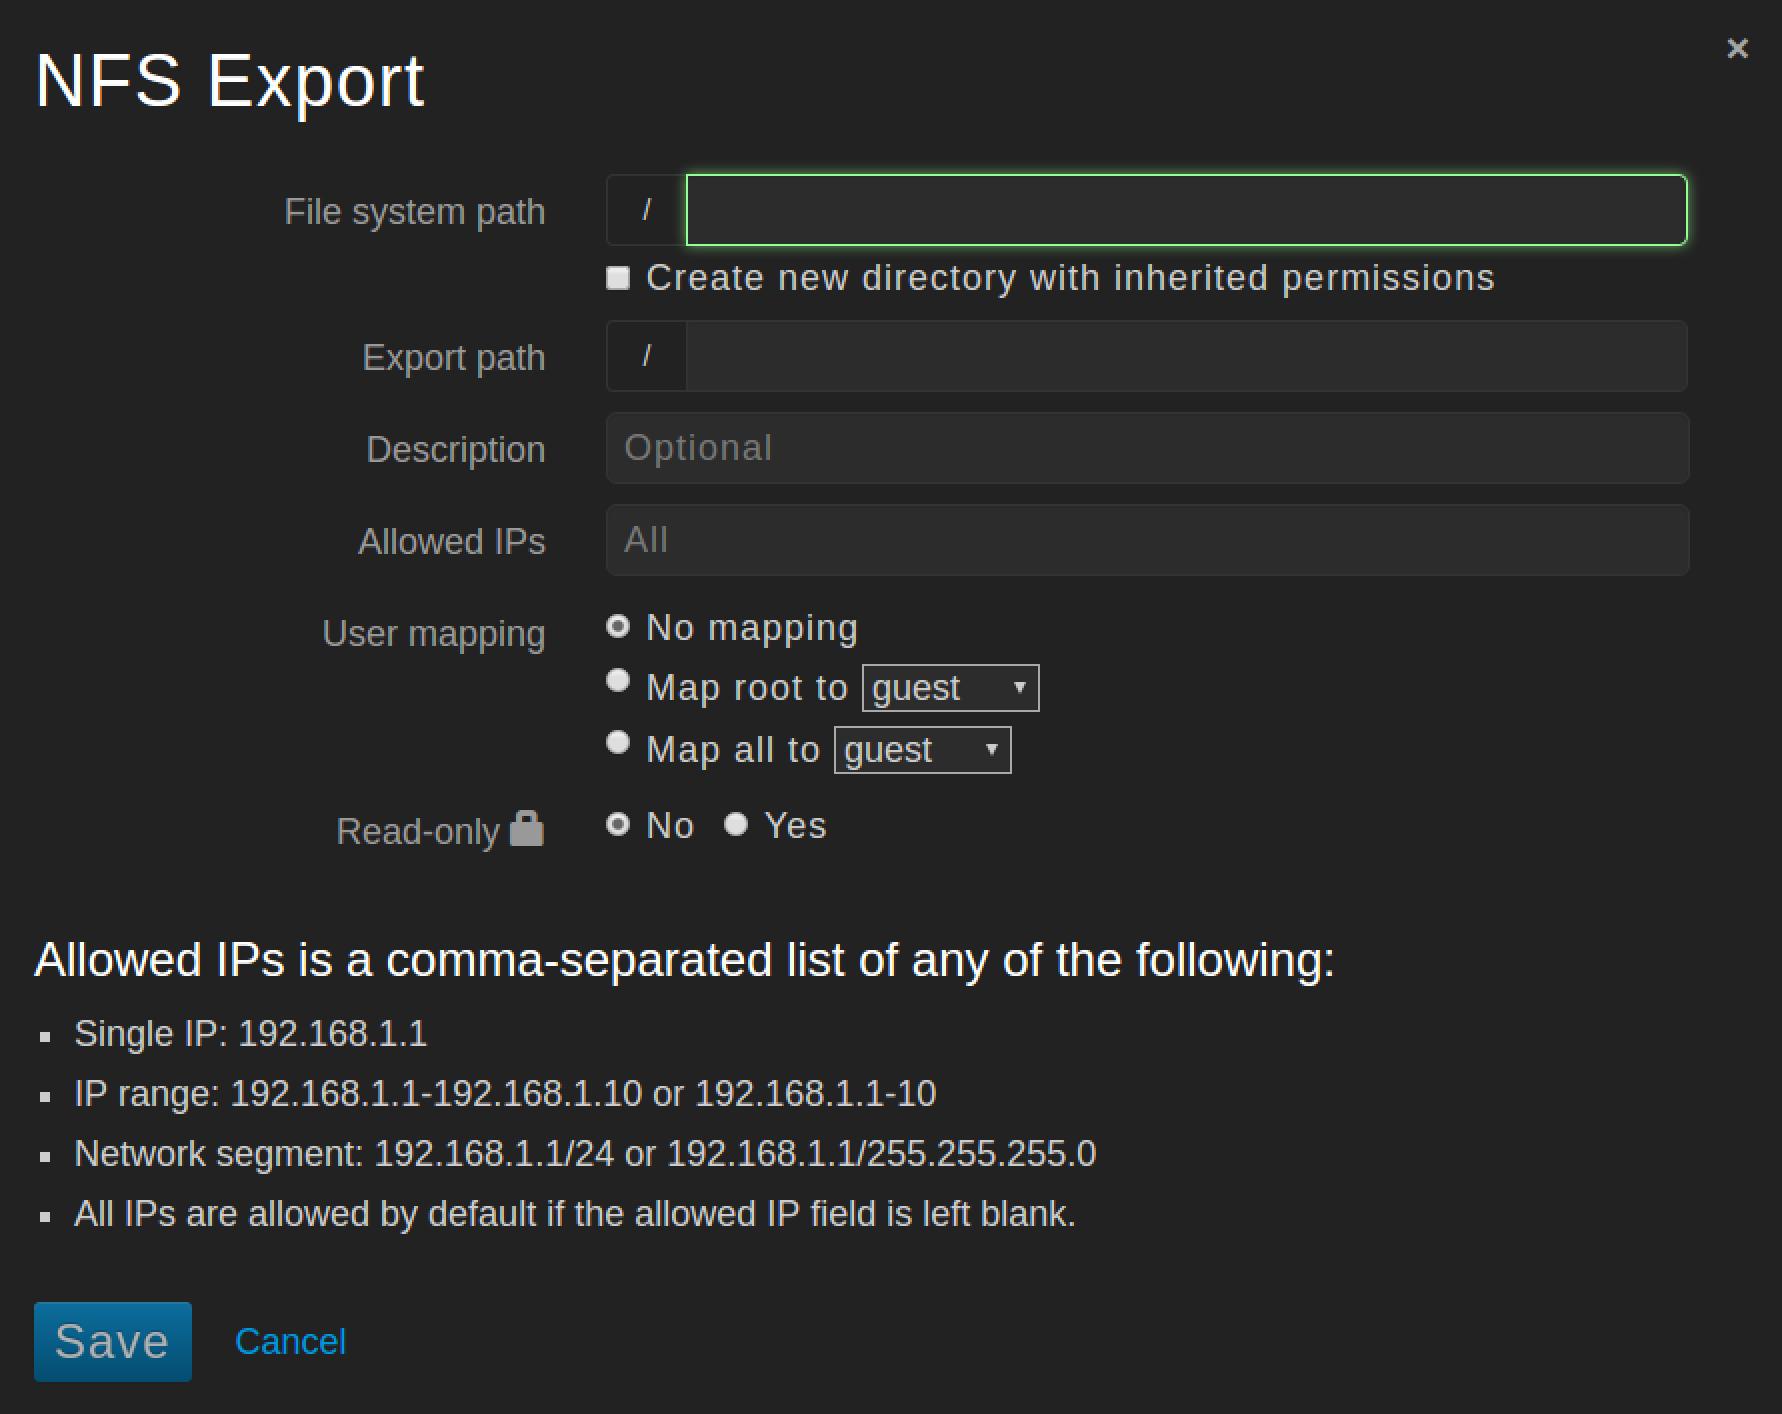 NFS Export dialog box